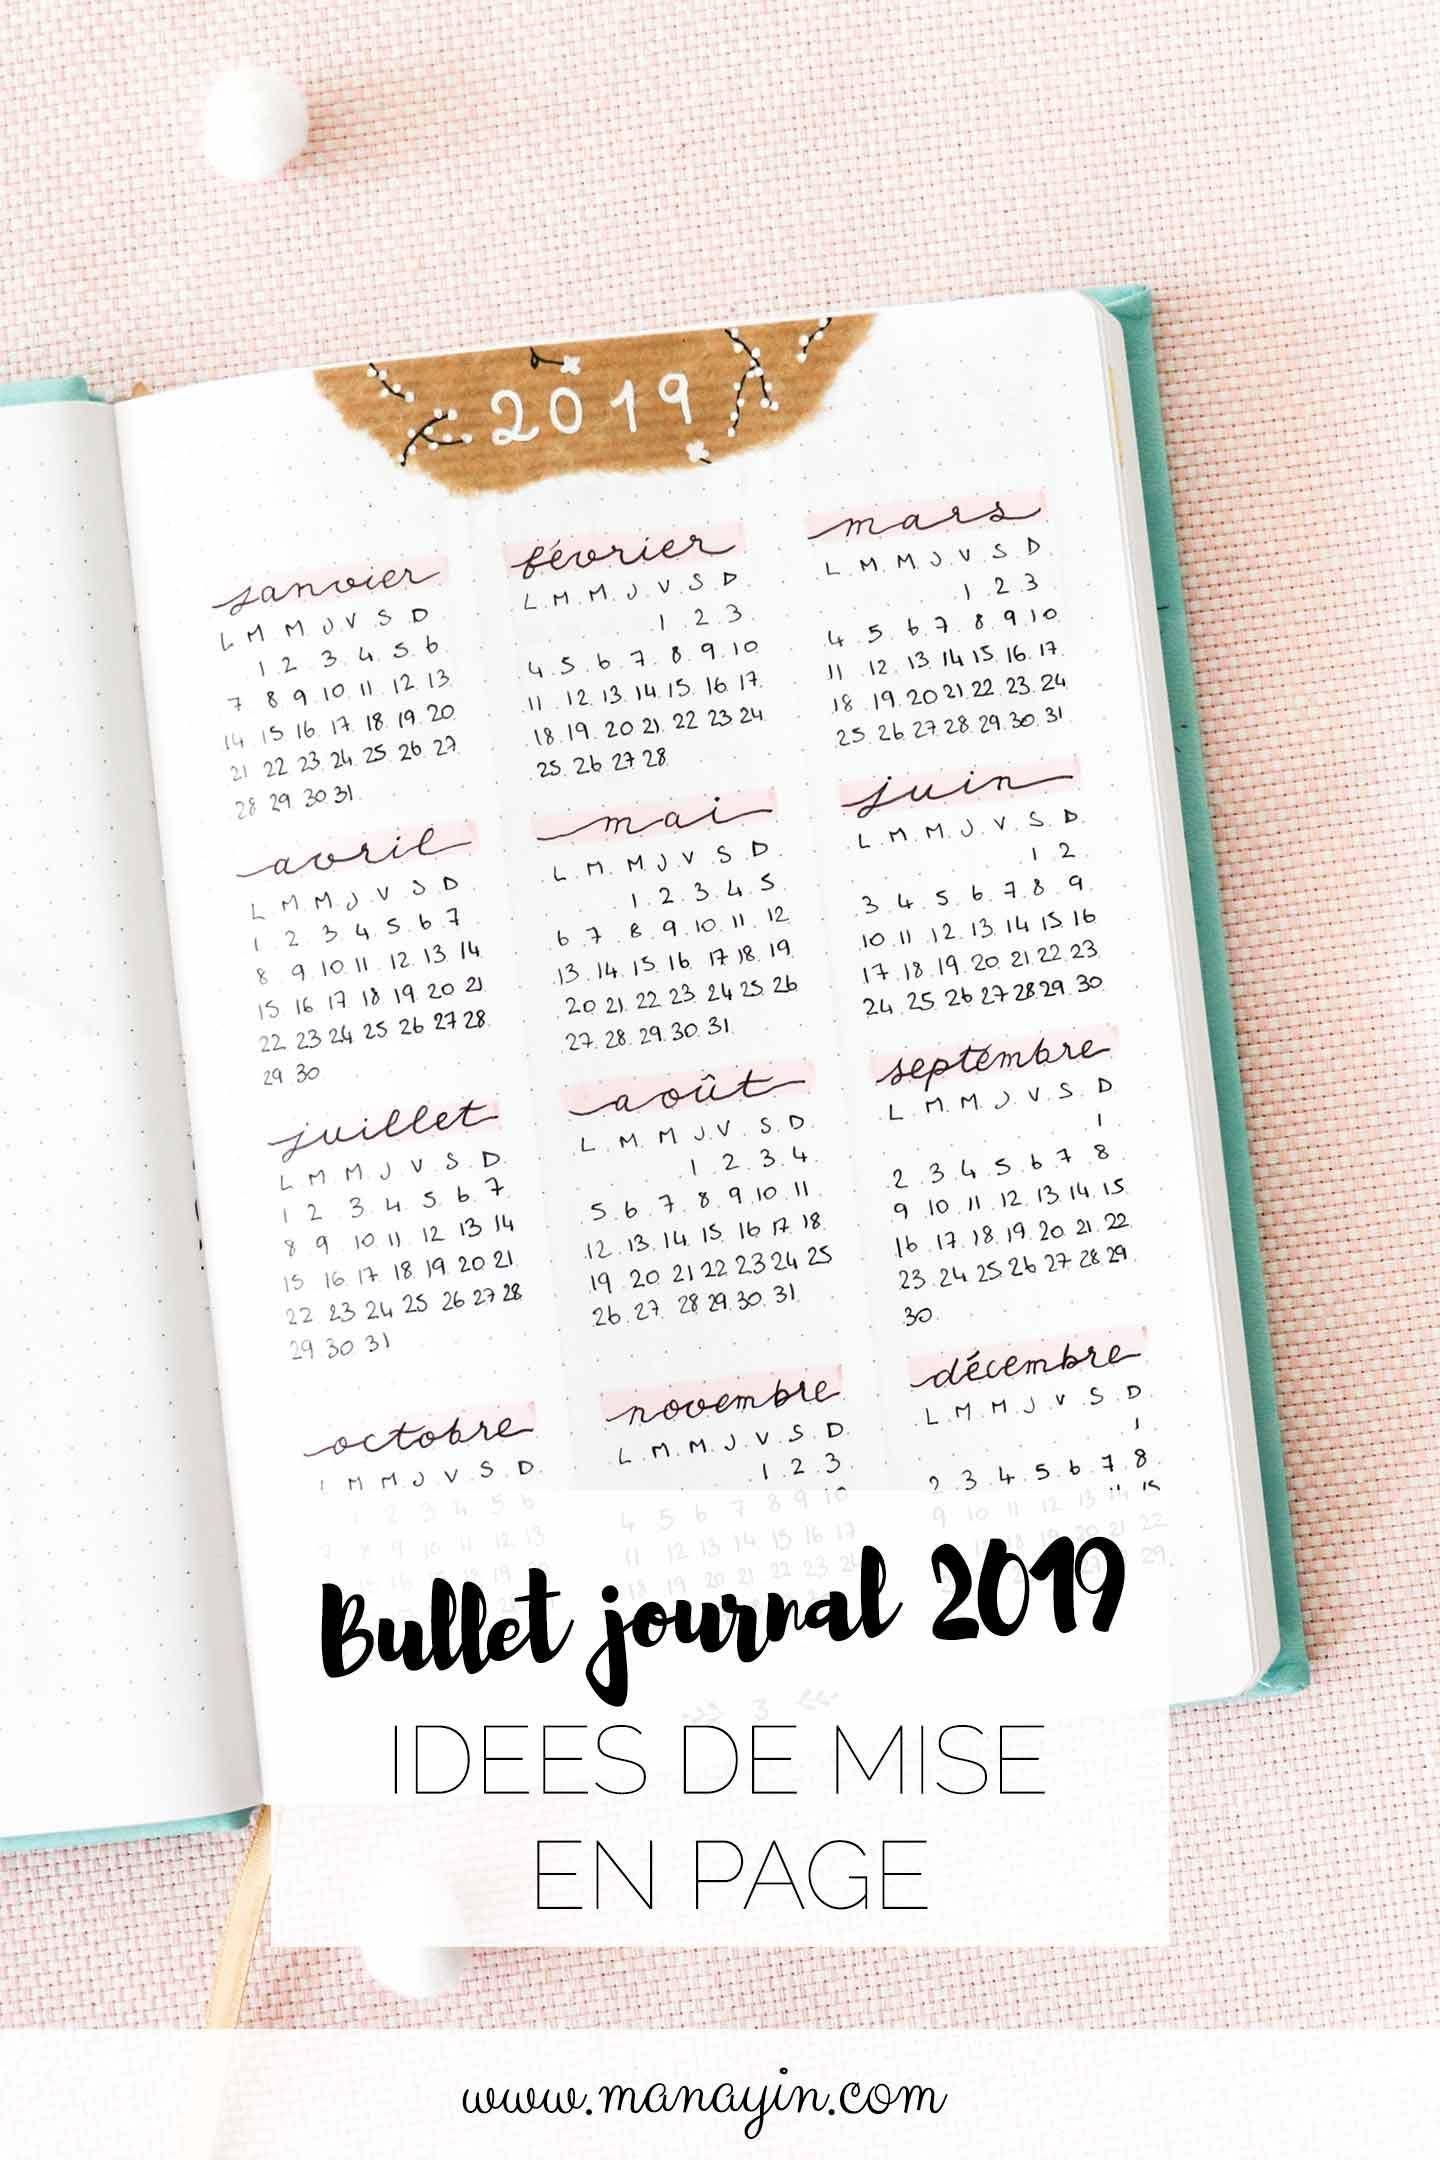 Bullet journal 2019 - Idées de mise en page et collections #futuretravel